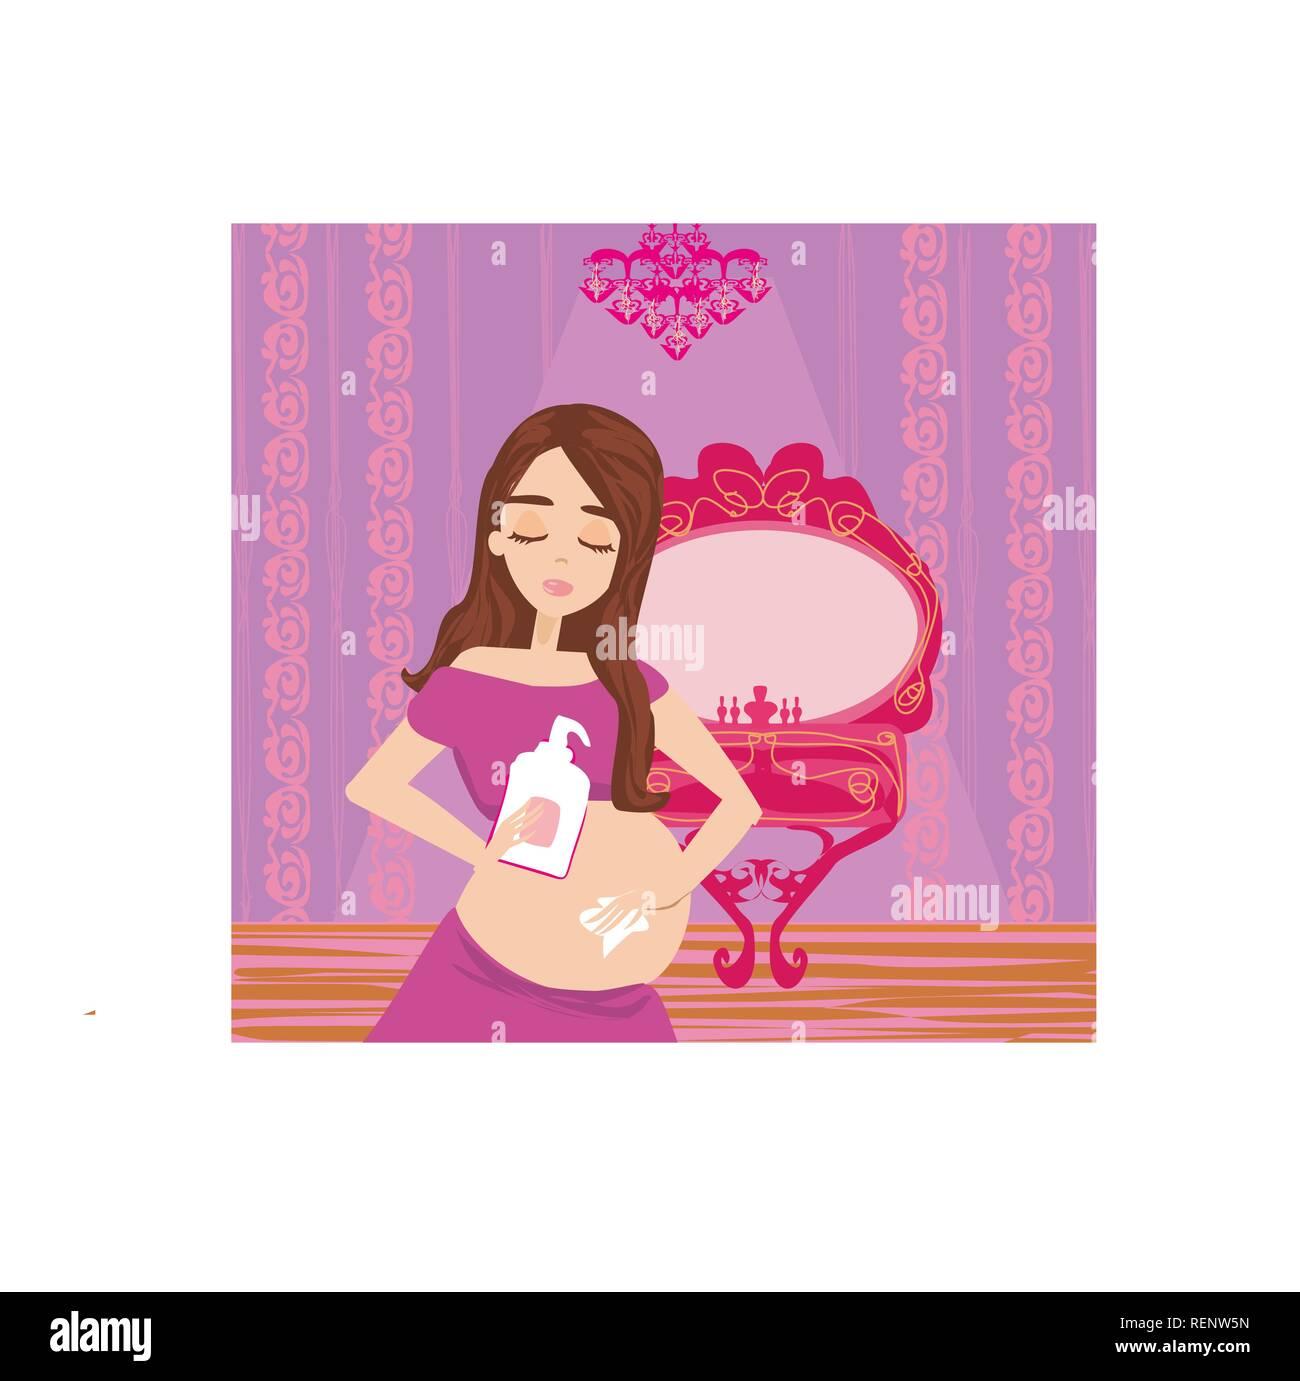 Tabella di condimento della donna tagliata Immagini Stock Immagini - Alamy-4926